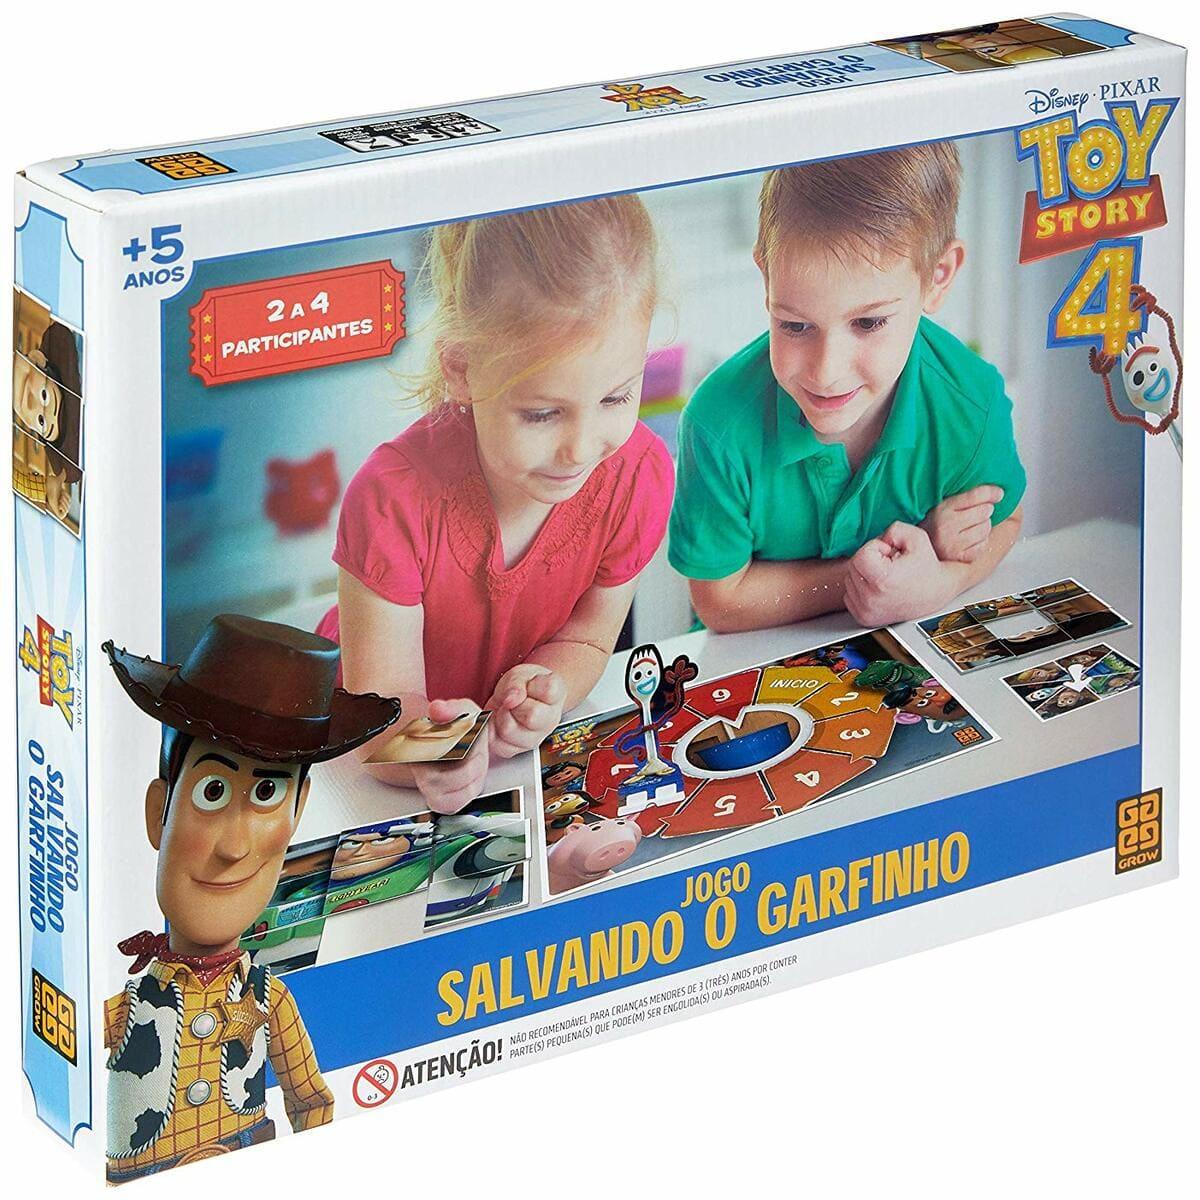 Jogo de Tabuleiro Salvando o Garfinho Toy Story Grow